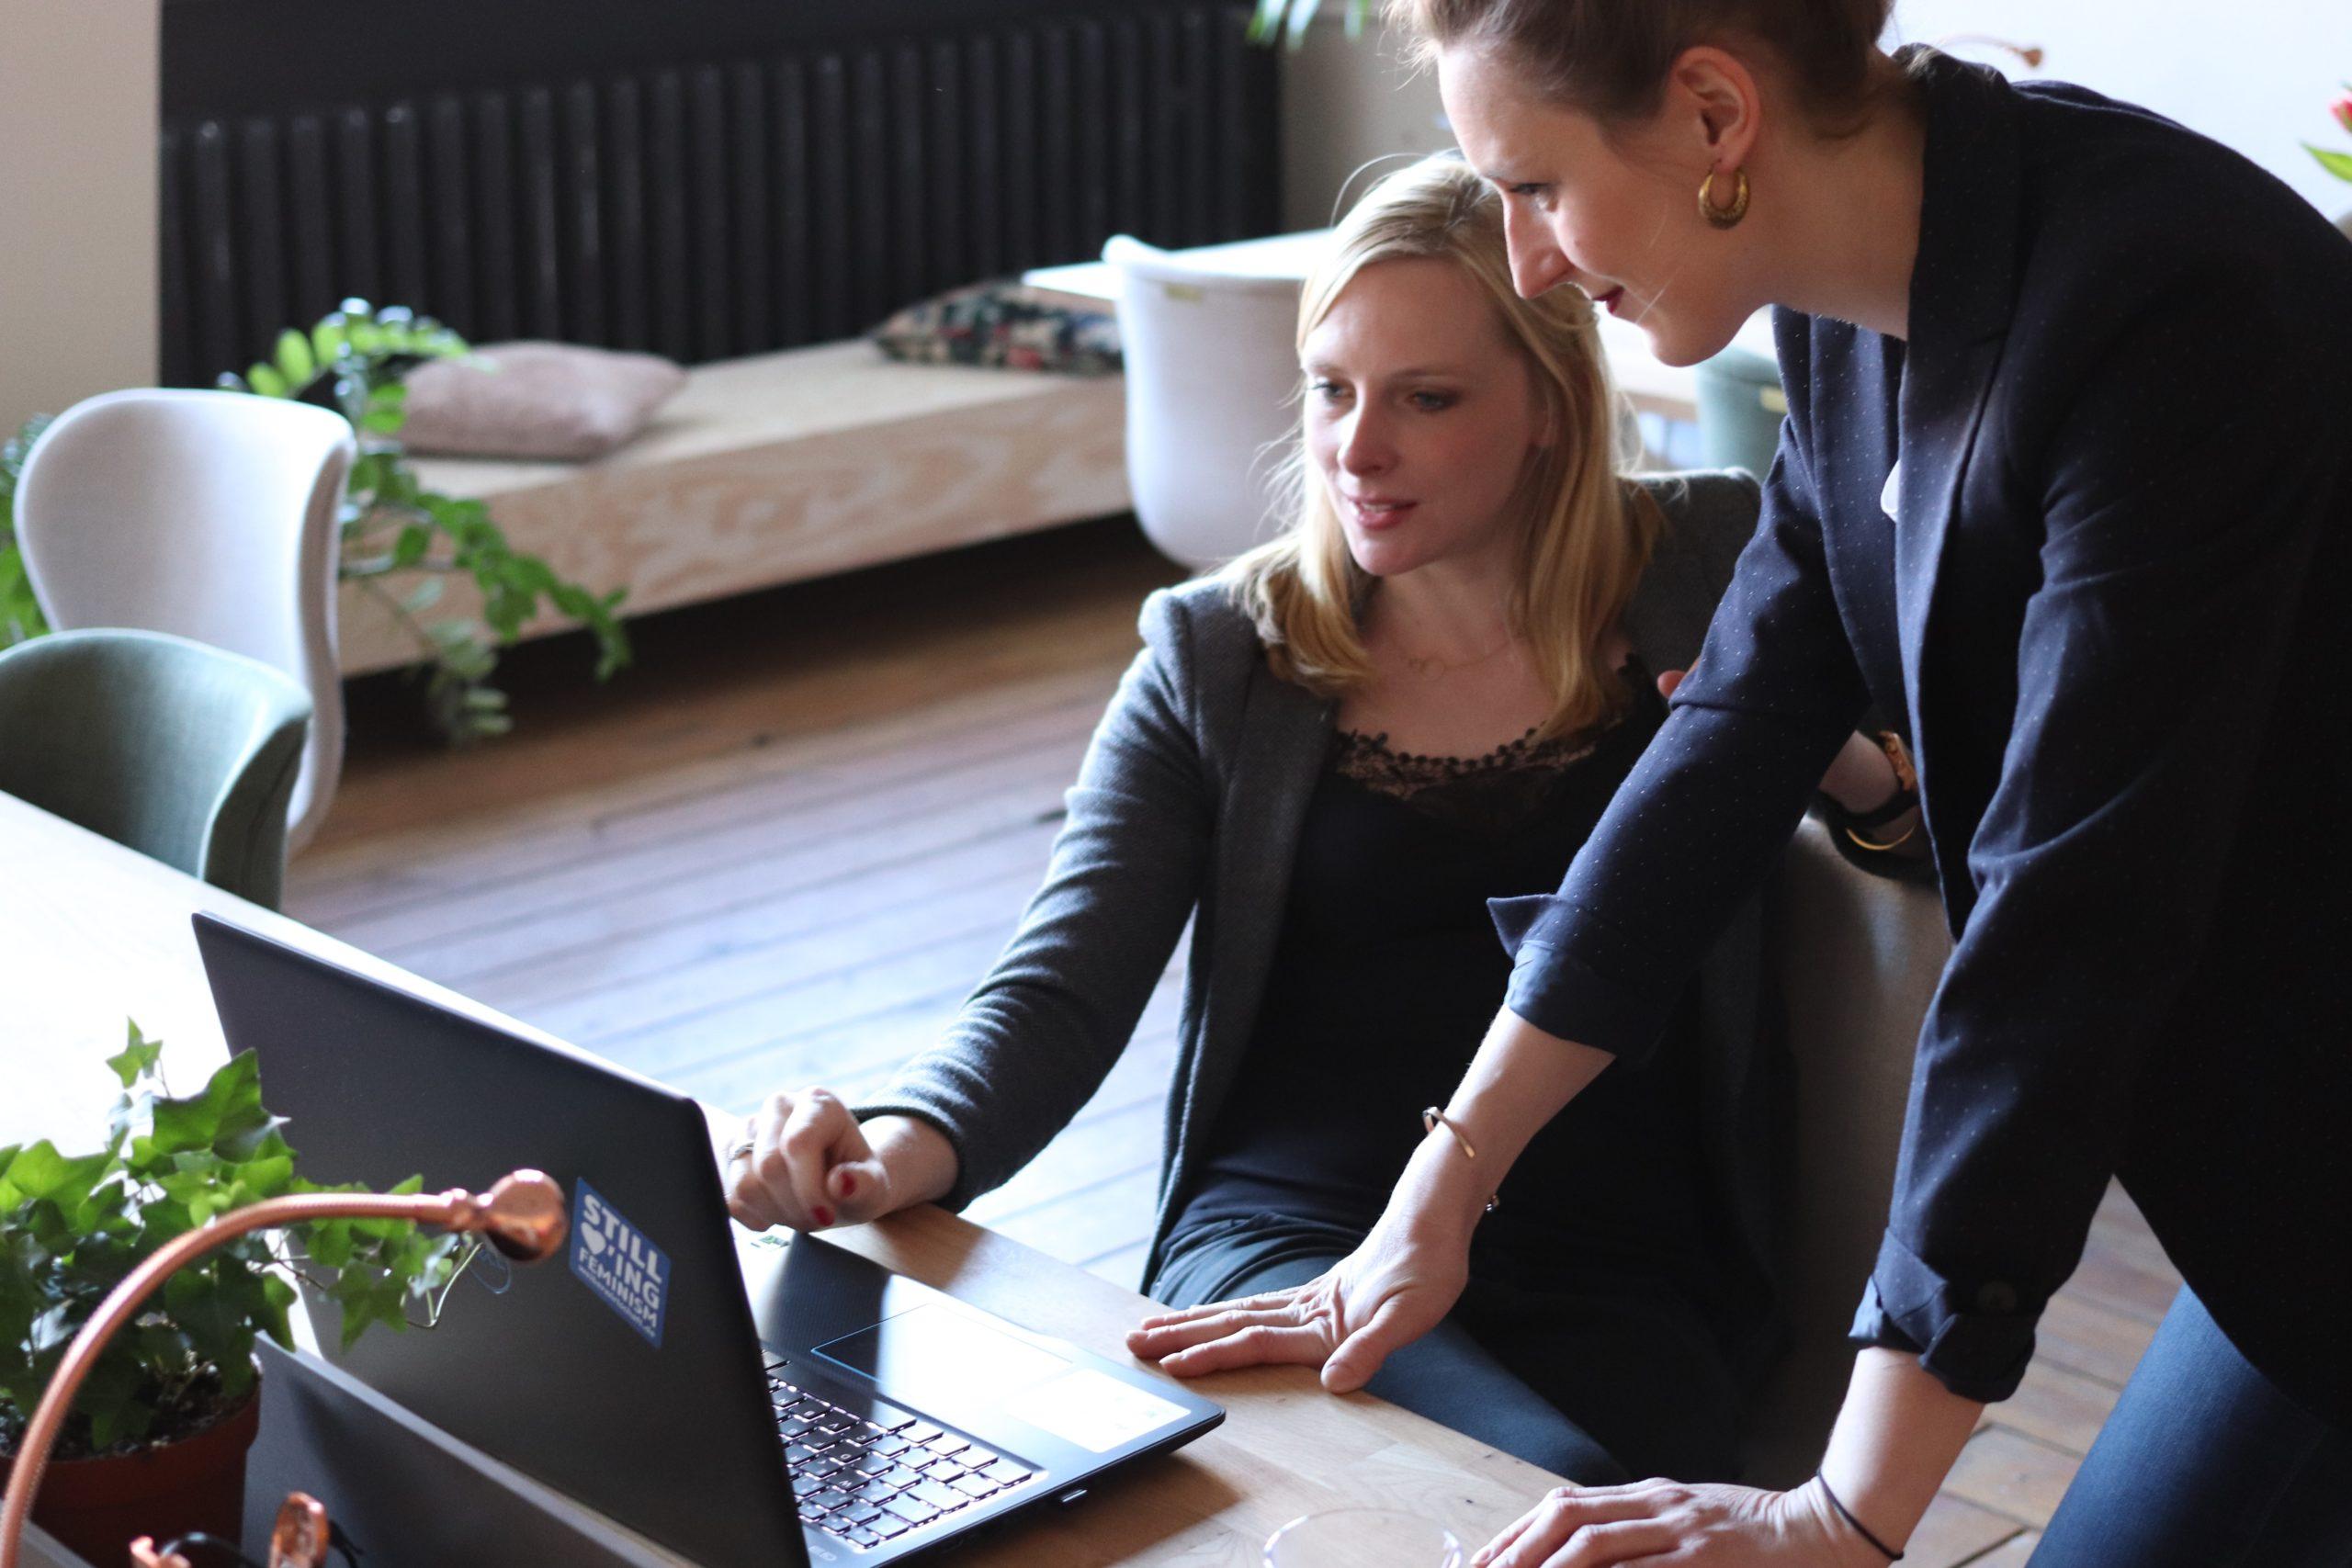 Zwei Personen vor einem Laptop